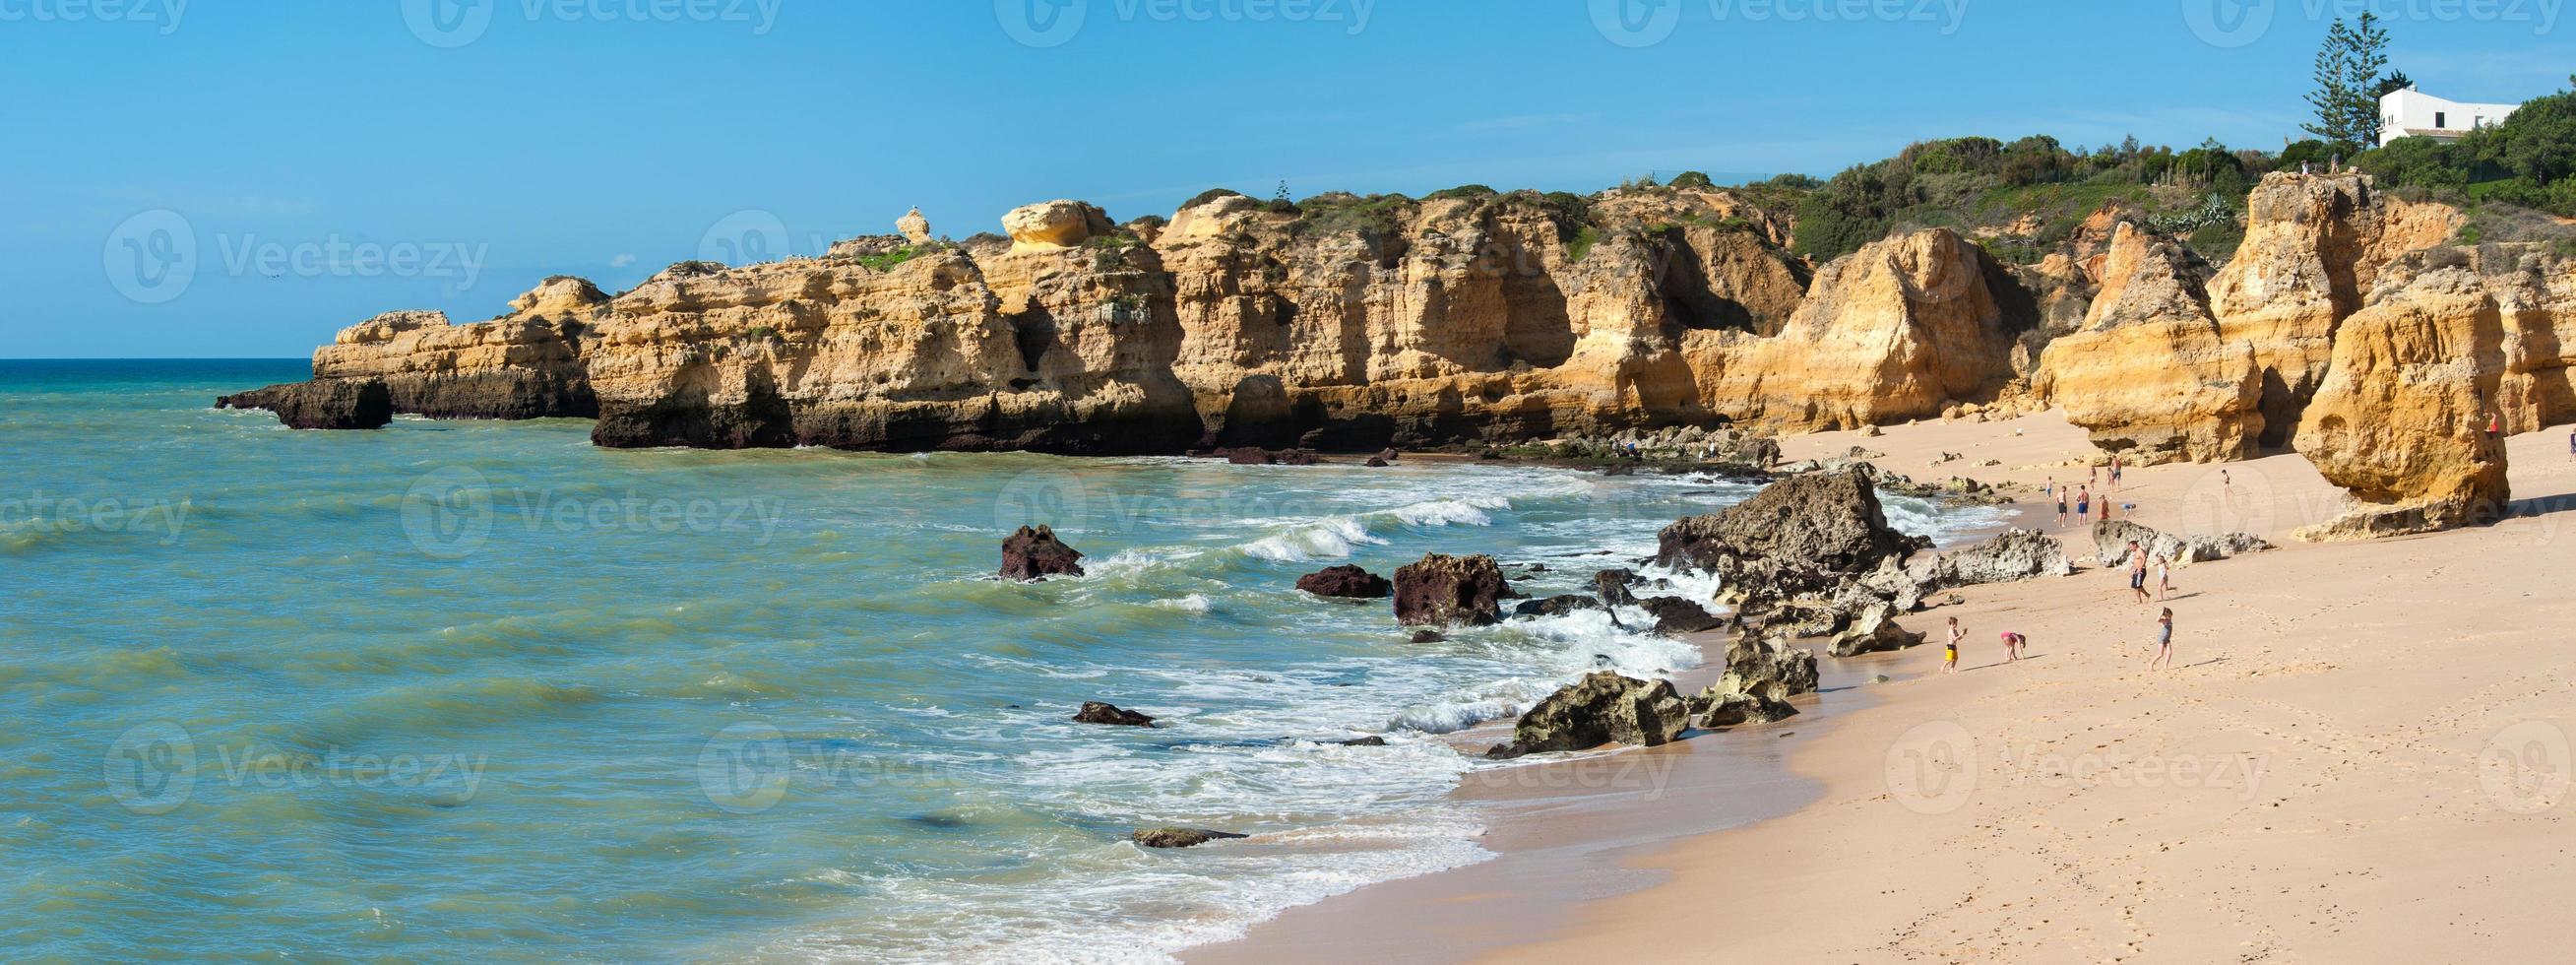 praia de sao rafael, algarve, portugal foto